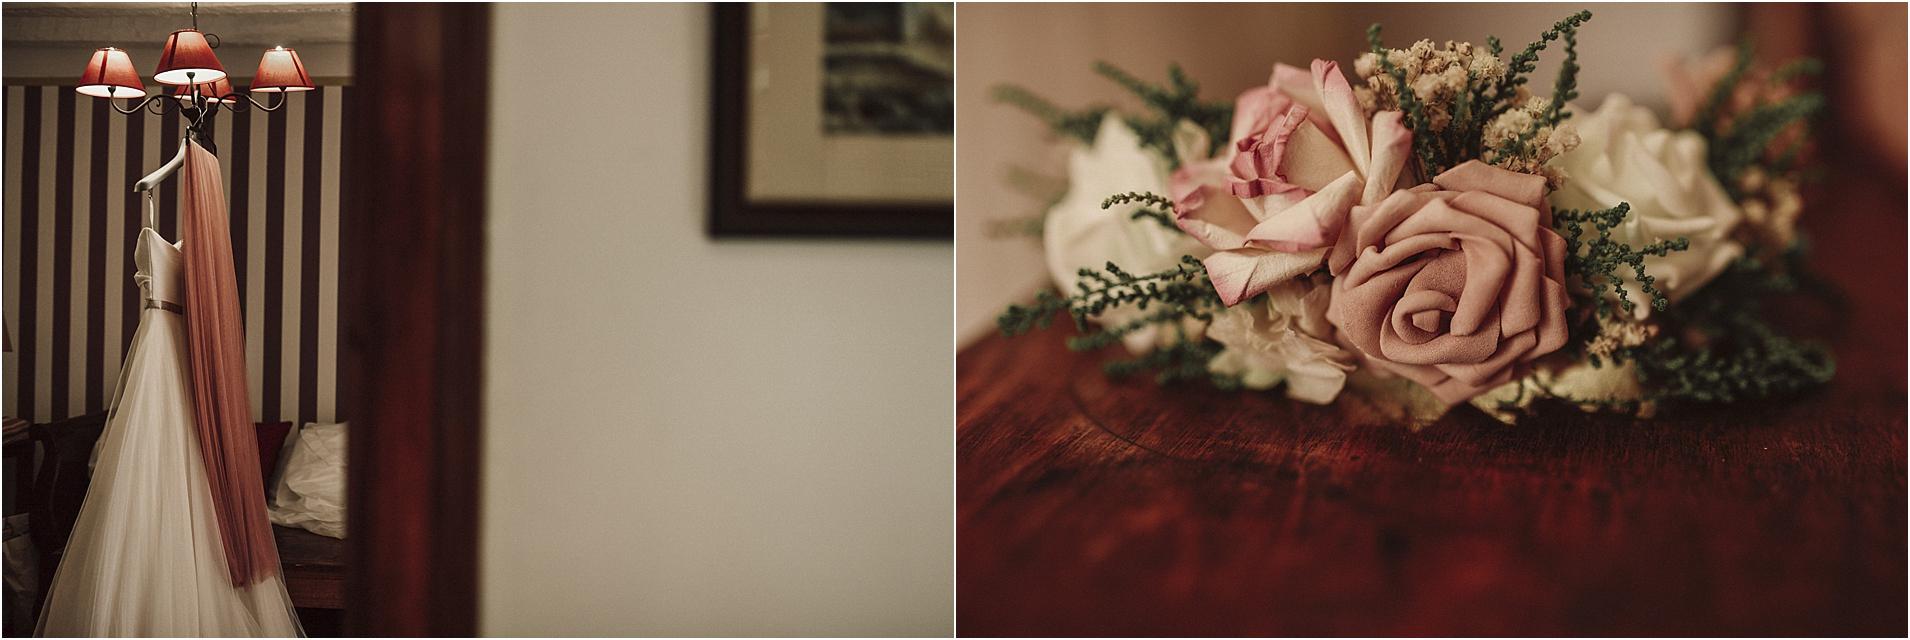 Fotografos-de-boda-donostia-zaragoza-san-sebastian-destination-wedding-photographer-11.jpg